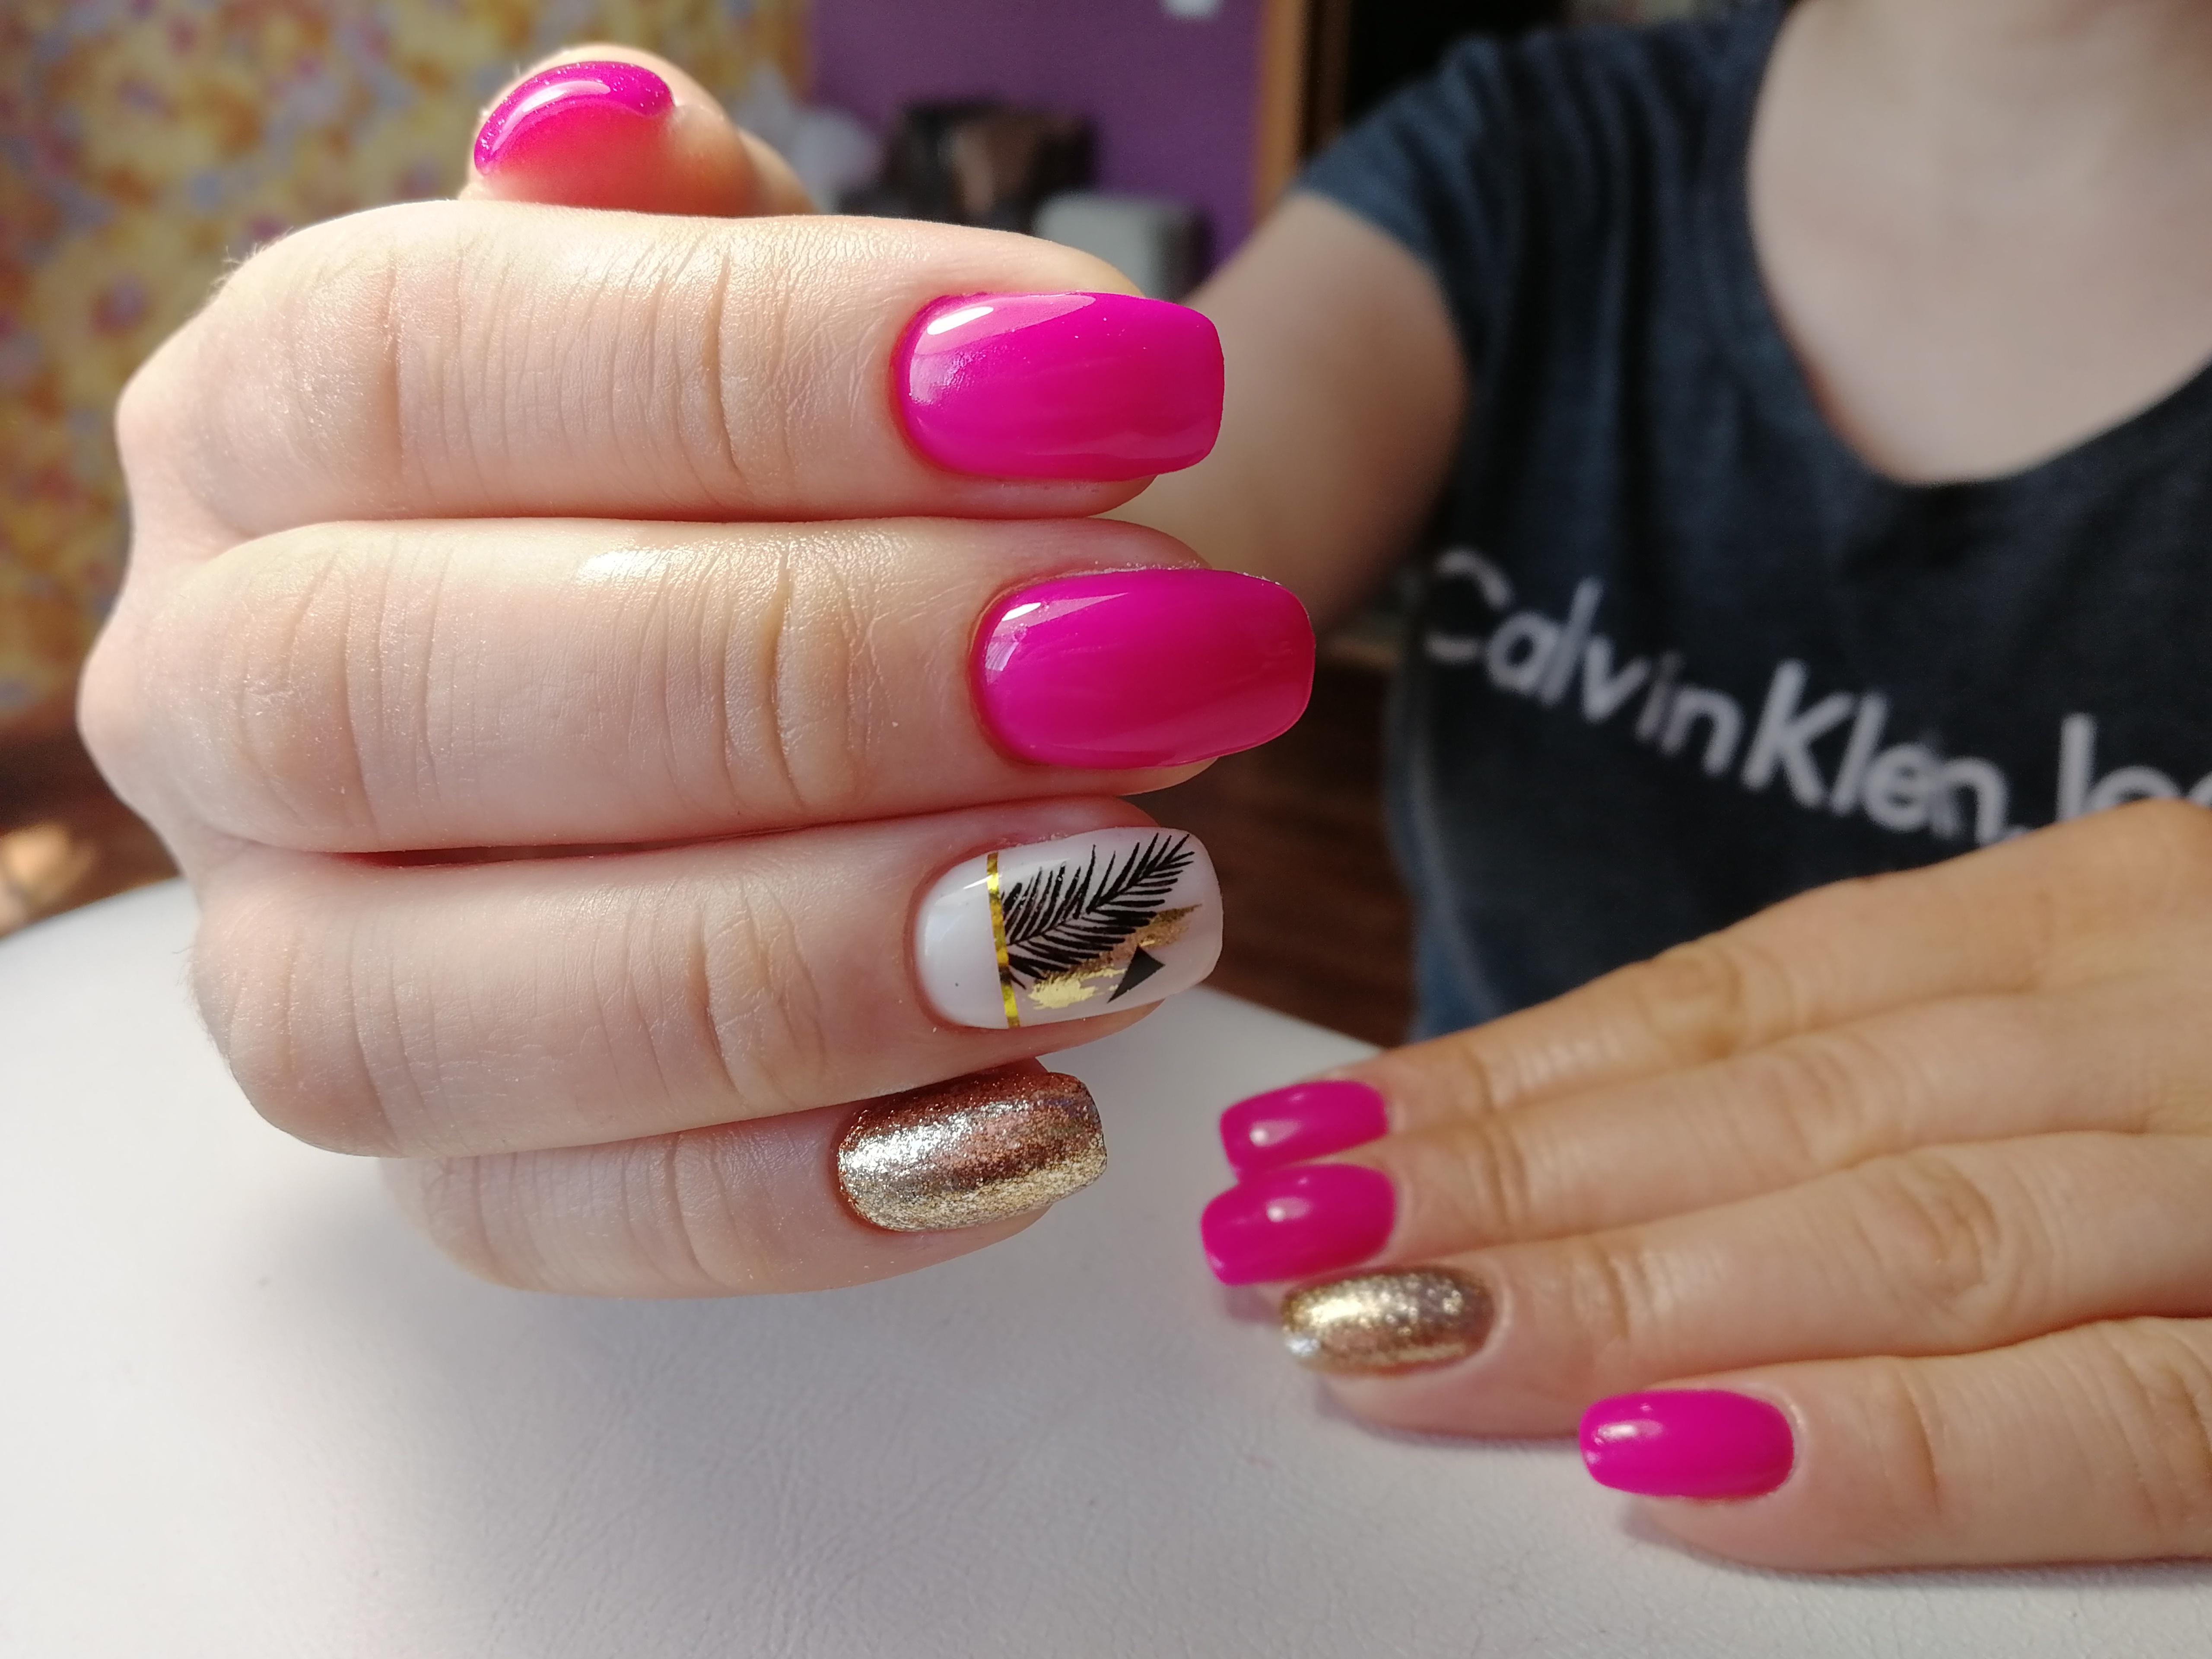 Маникюр с растительными слайдерами и золотыми блестками в цвете фуксия на короткие ногти.